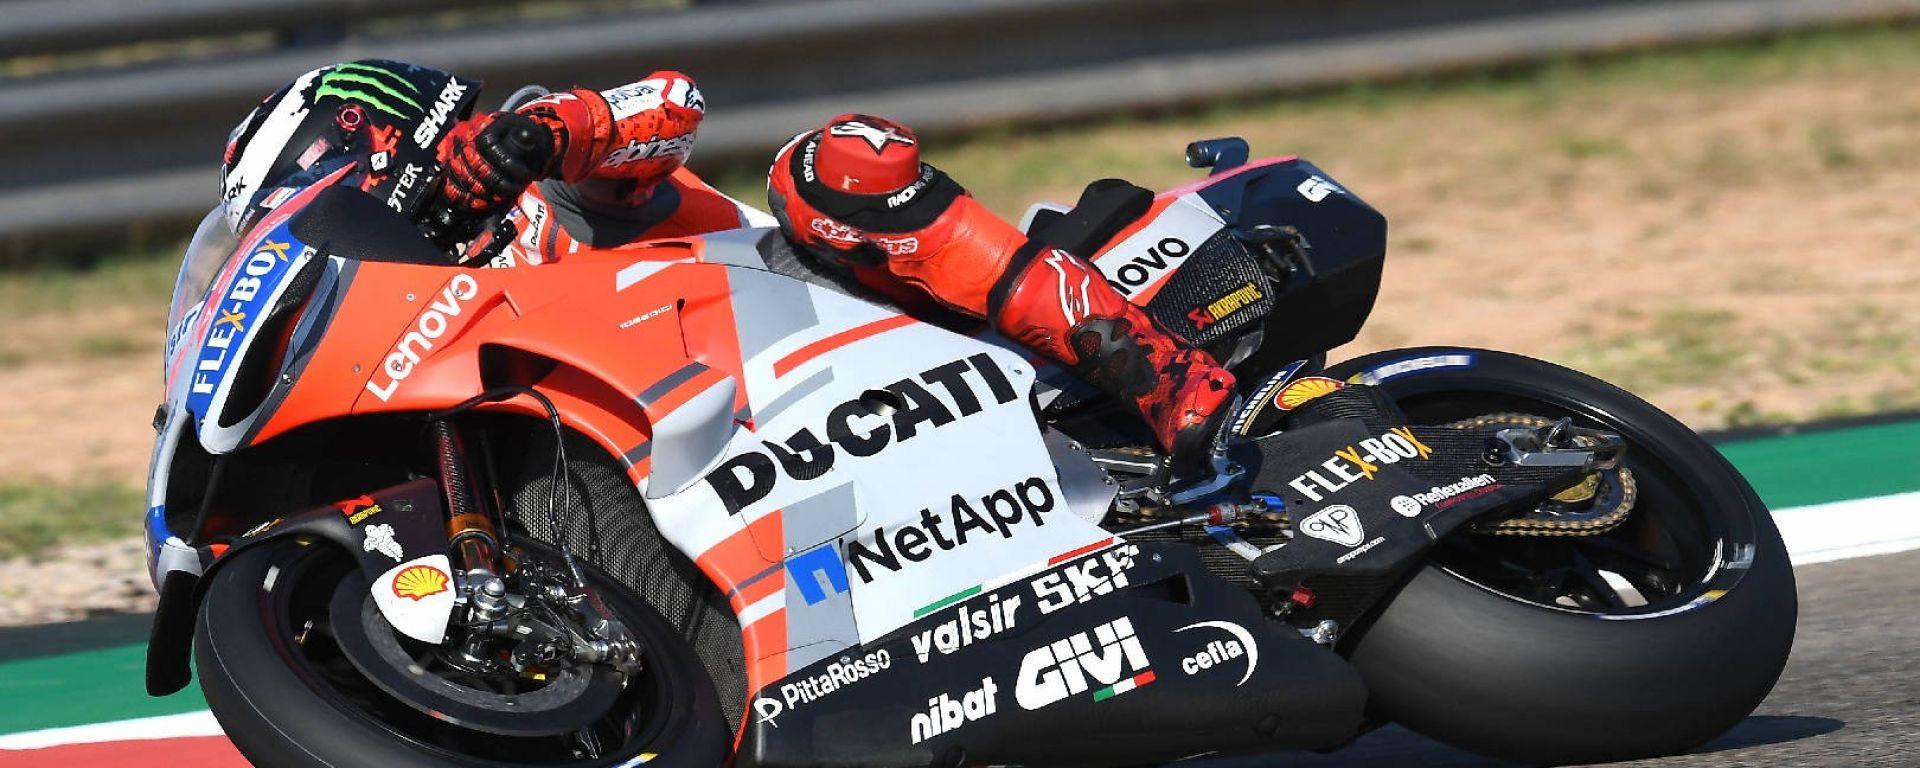 MotoGP Aragon 2018: Lorenzo in pole davanti a Dovizioso, Rossi ko